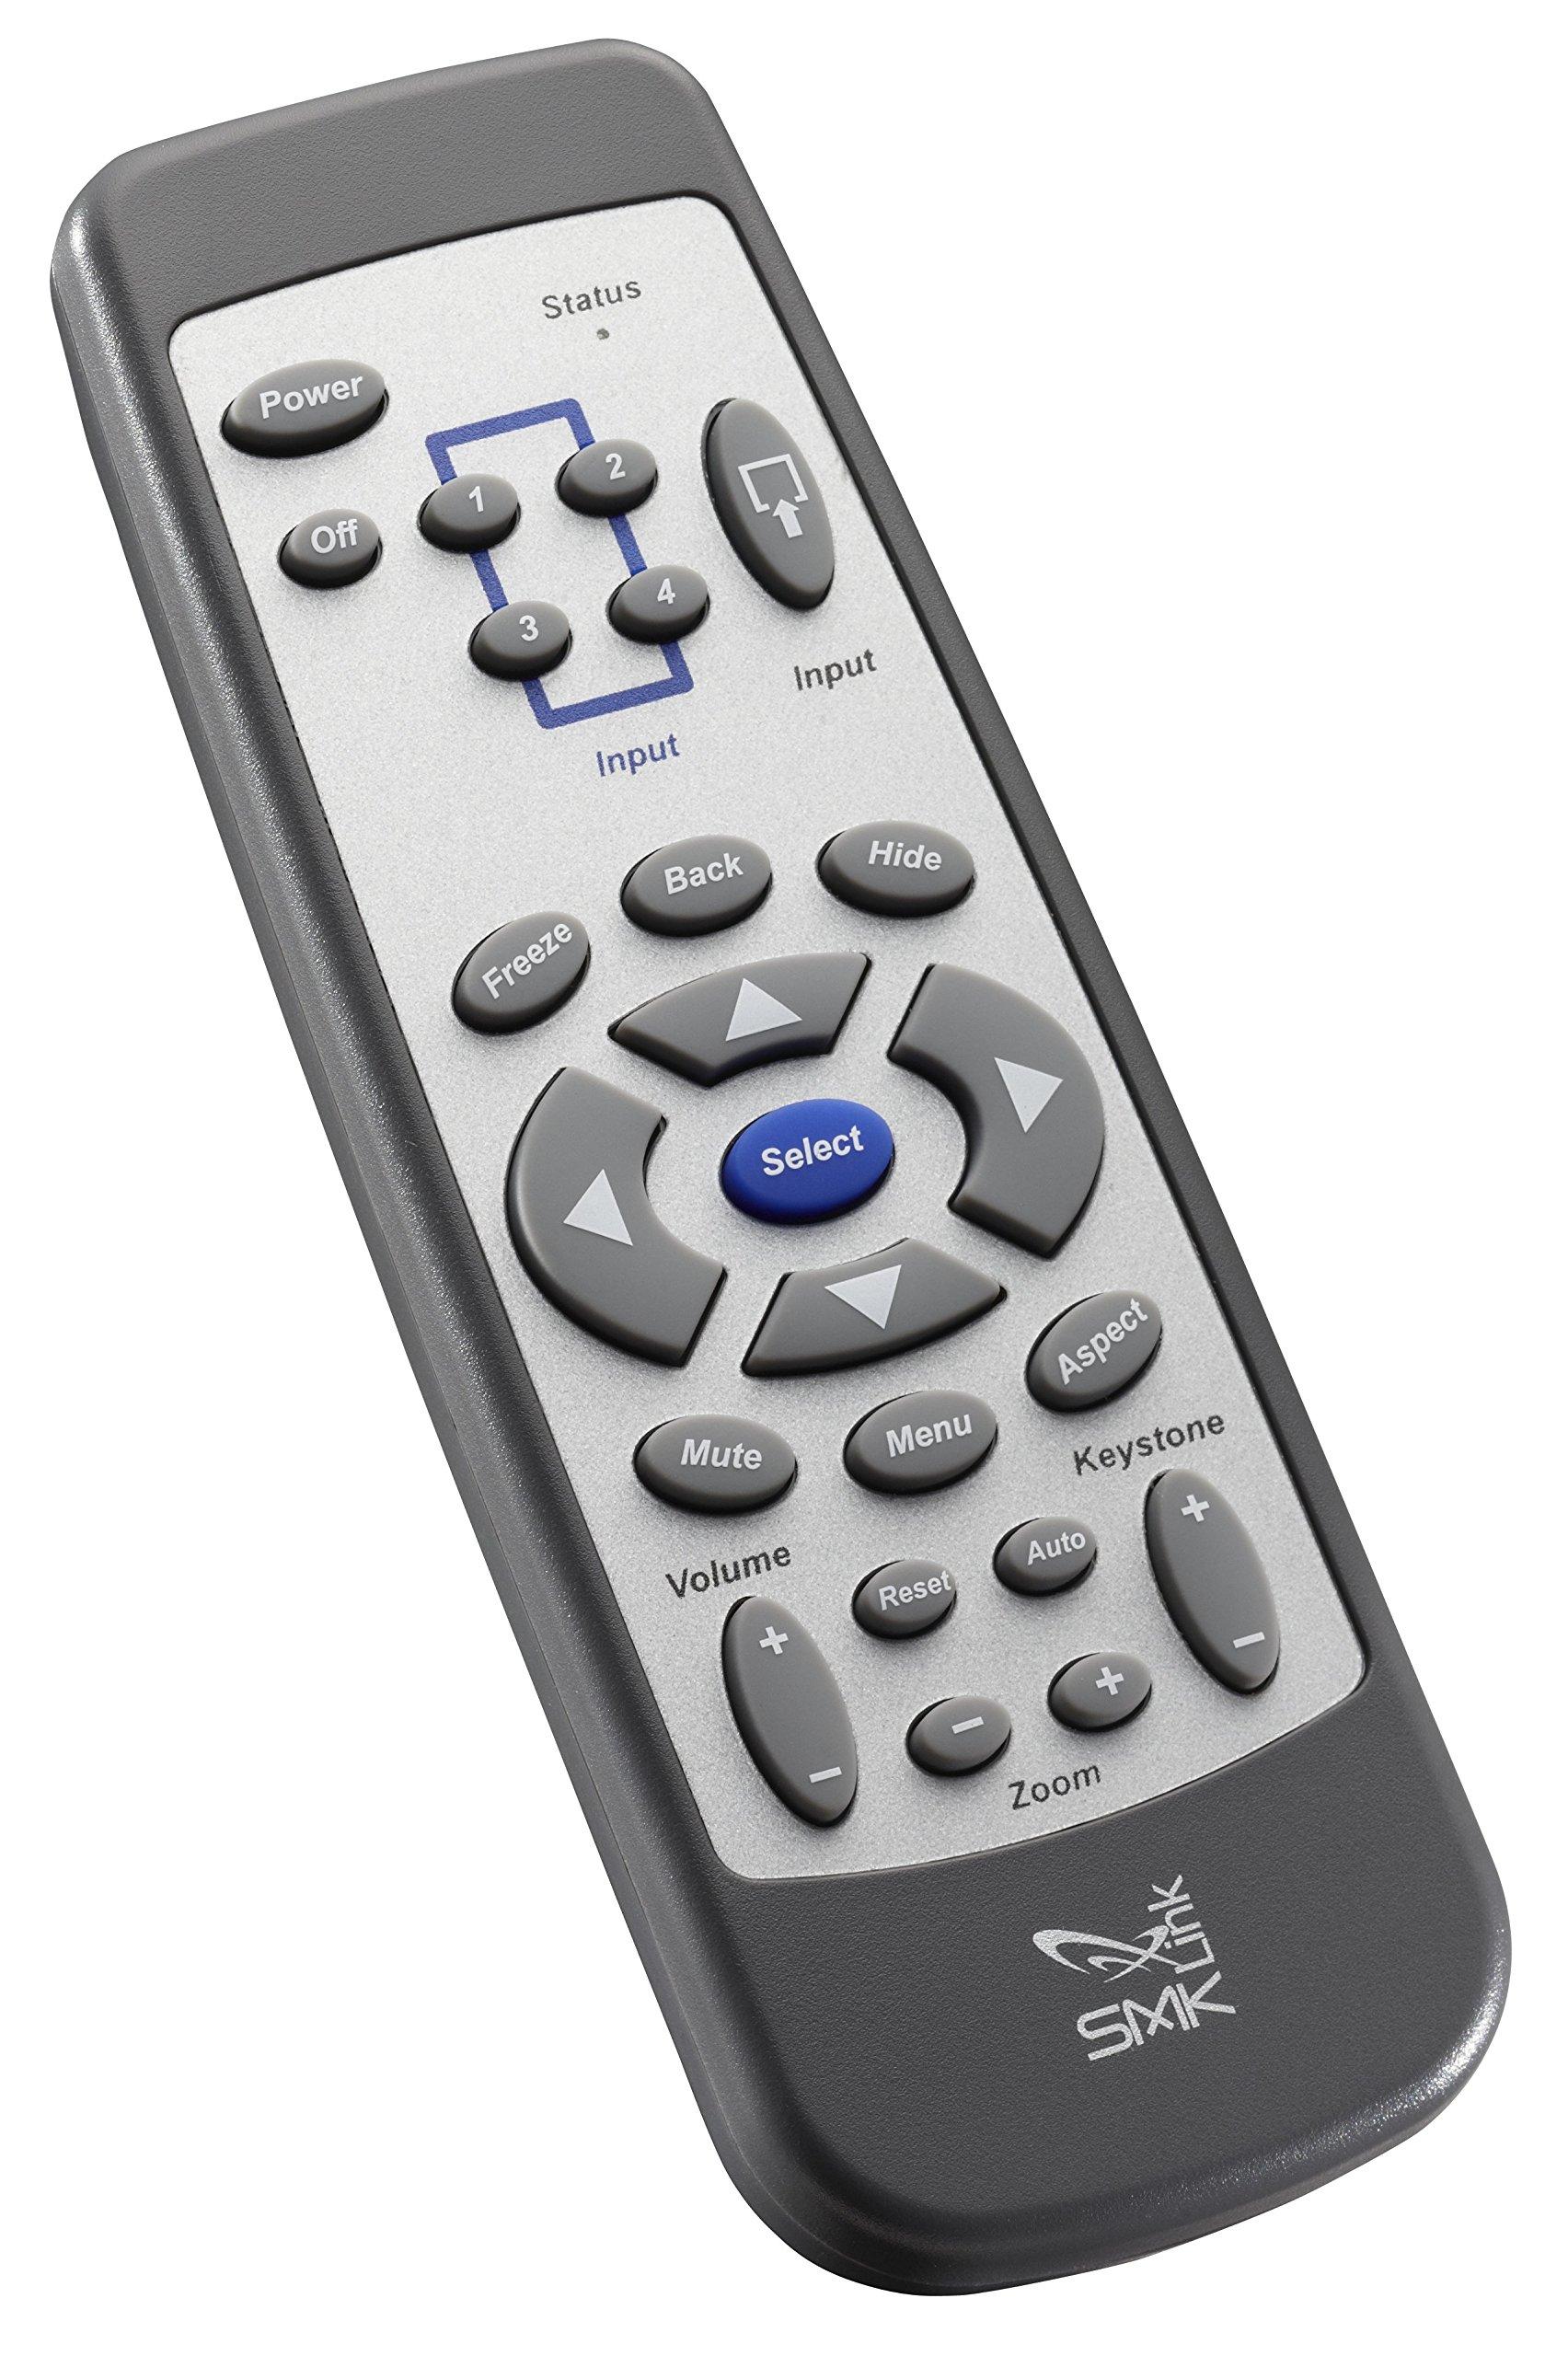 SMK-Link VP3720 Universal Projector Remote Control